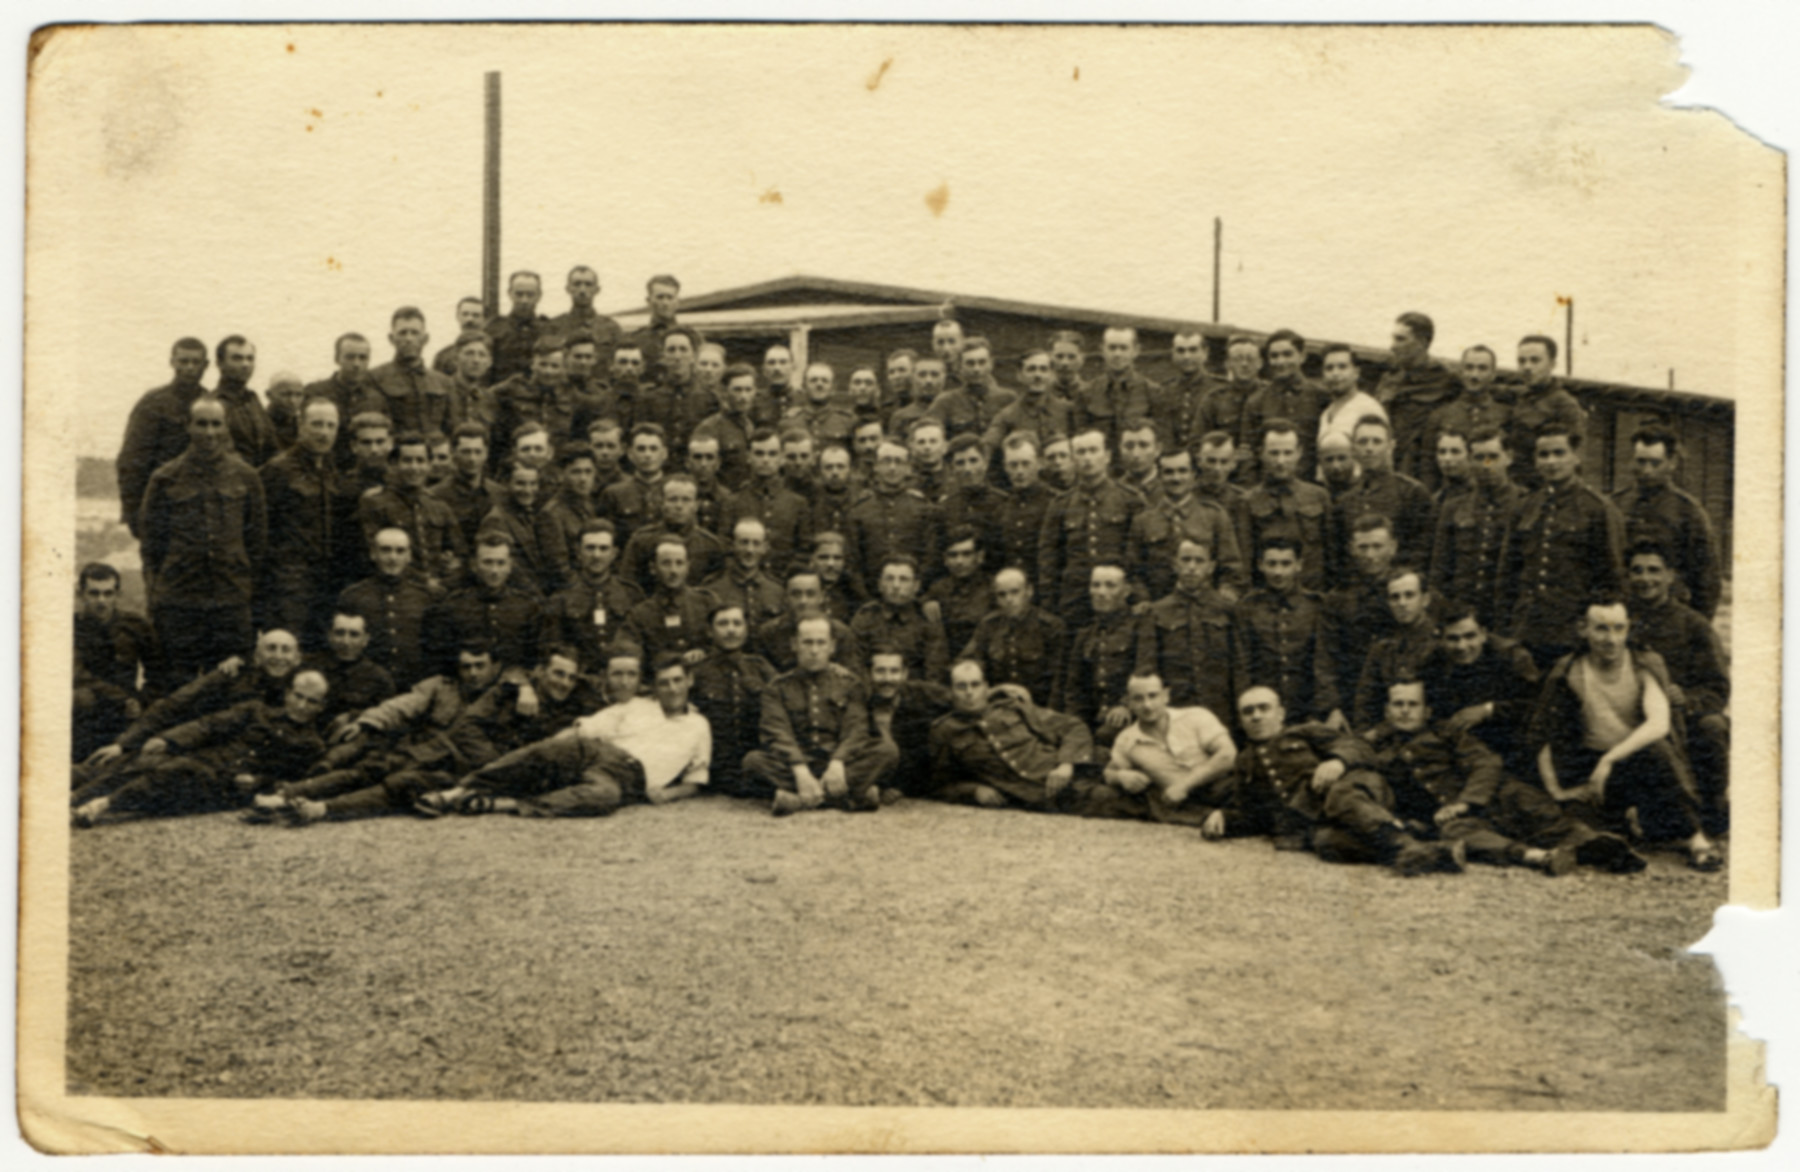 Group portrait of prisoners in the Elsterhorst prisoner of war camp, Stalag IV-A.